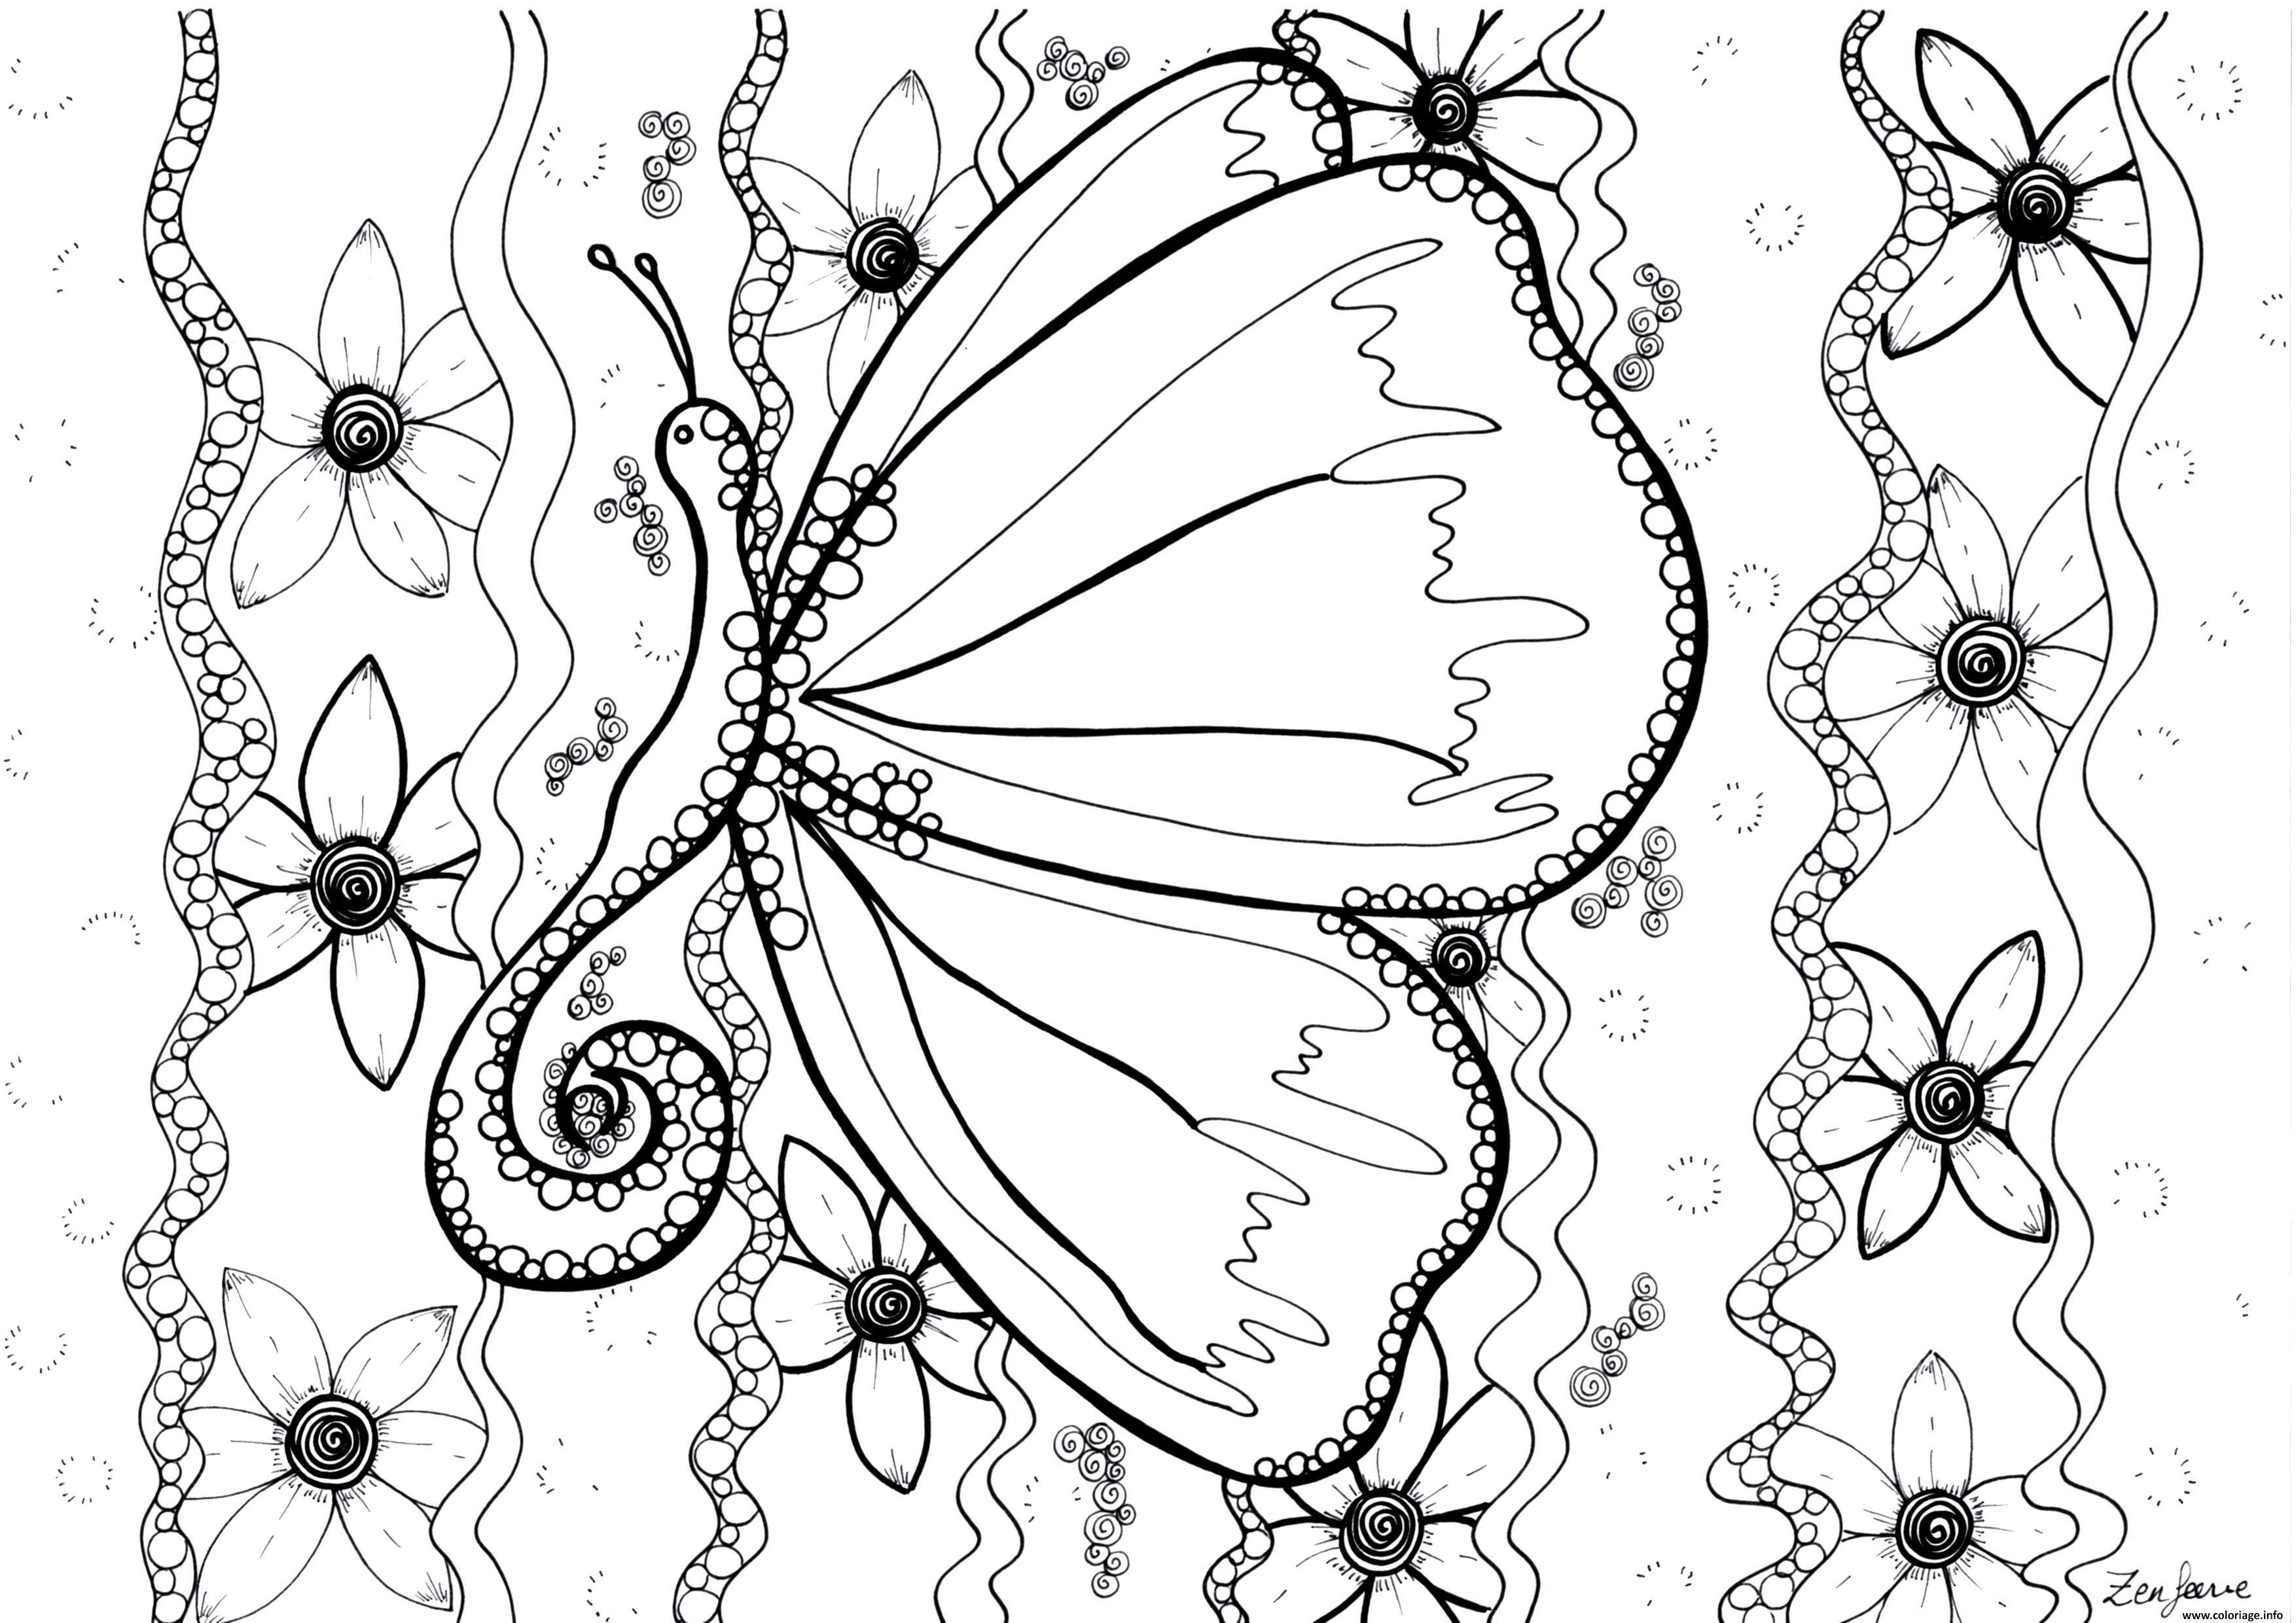 Dessin adulte butterfly by zenfeerie Coloriage Gratuit à Imprimer